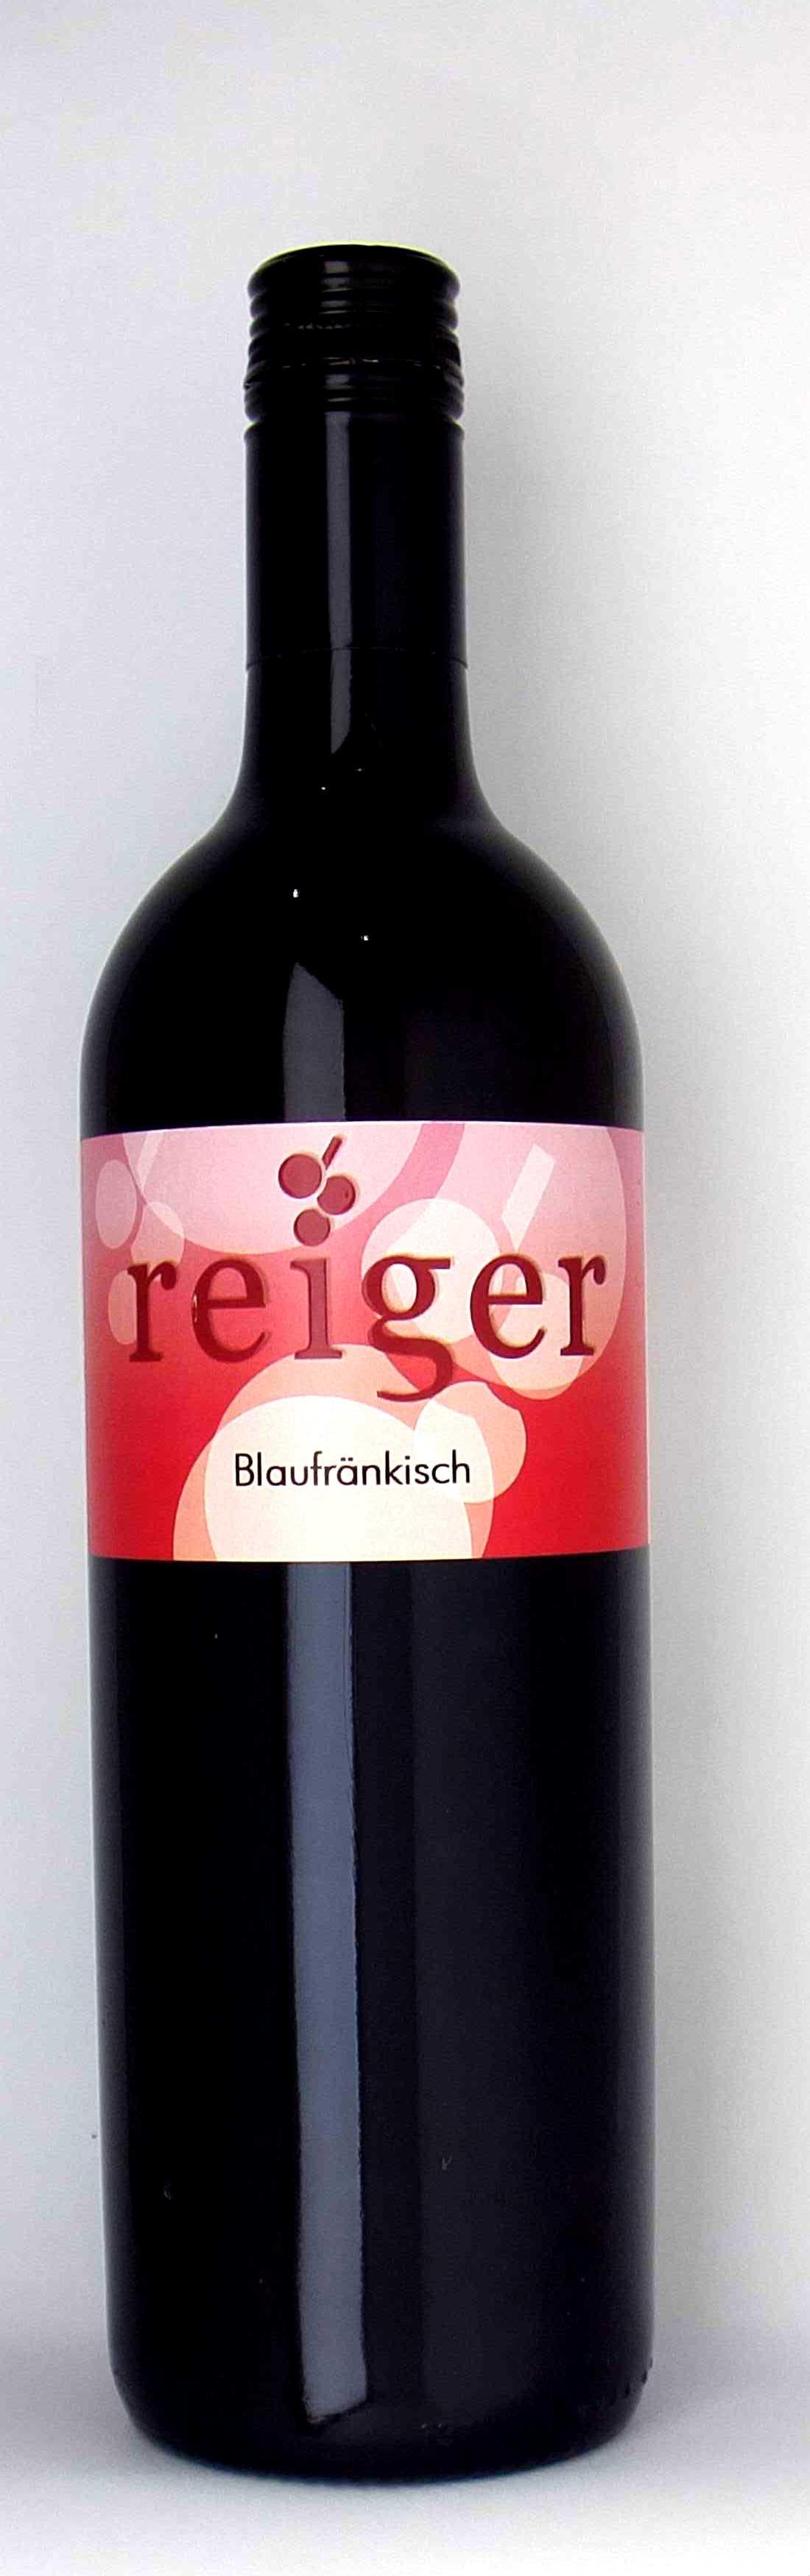 Vinothek Eisenberg Blaufränkisch 2018 BIO Reiger